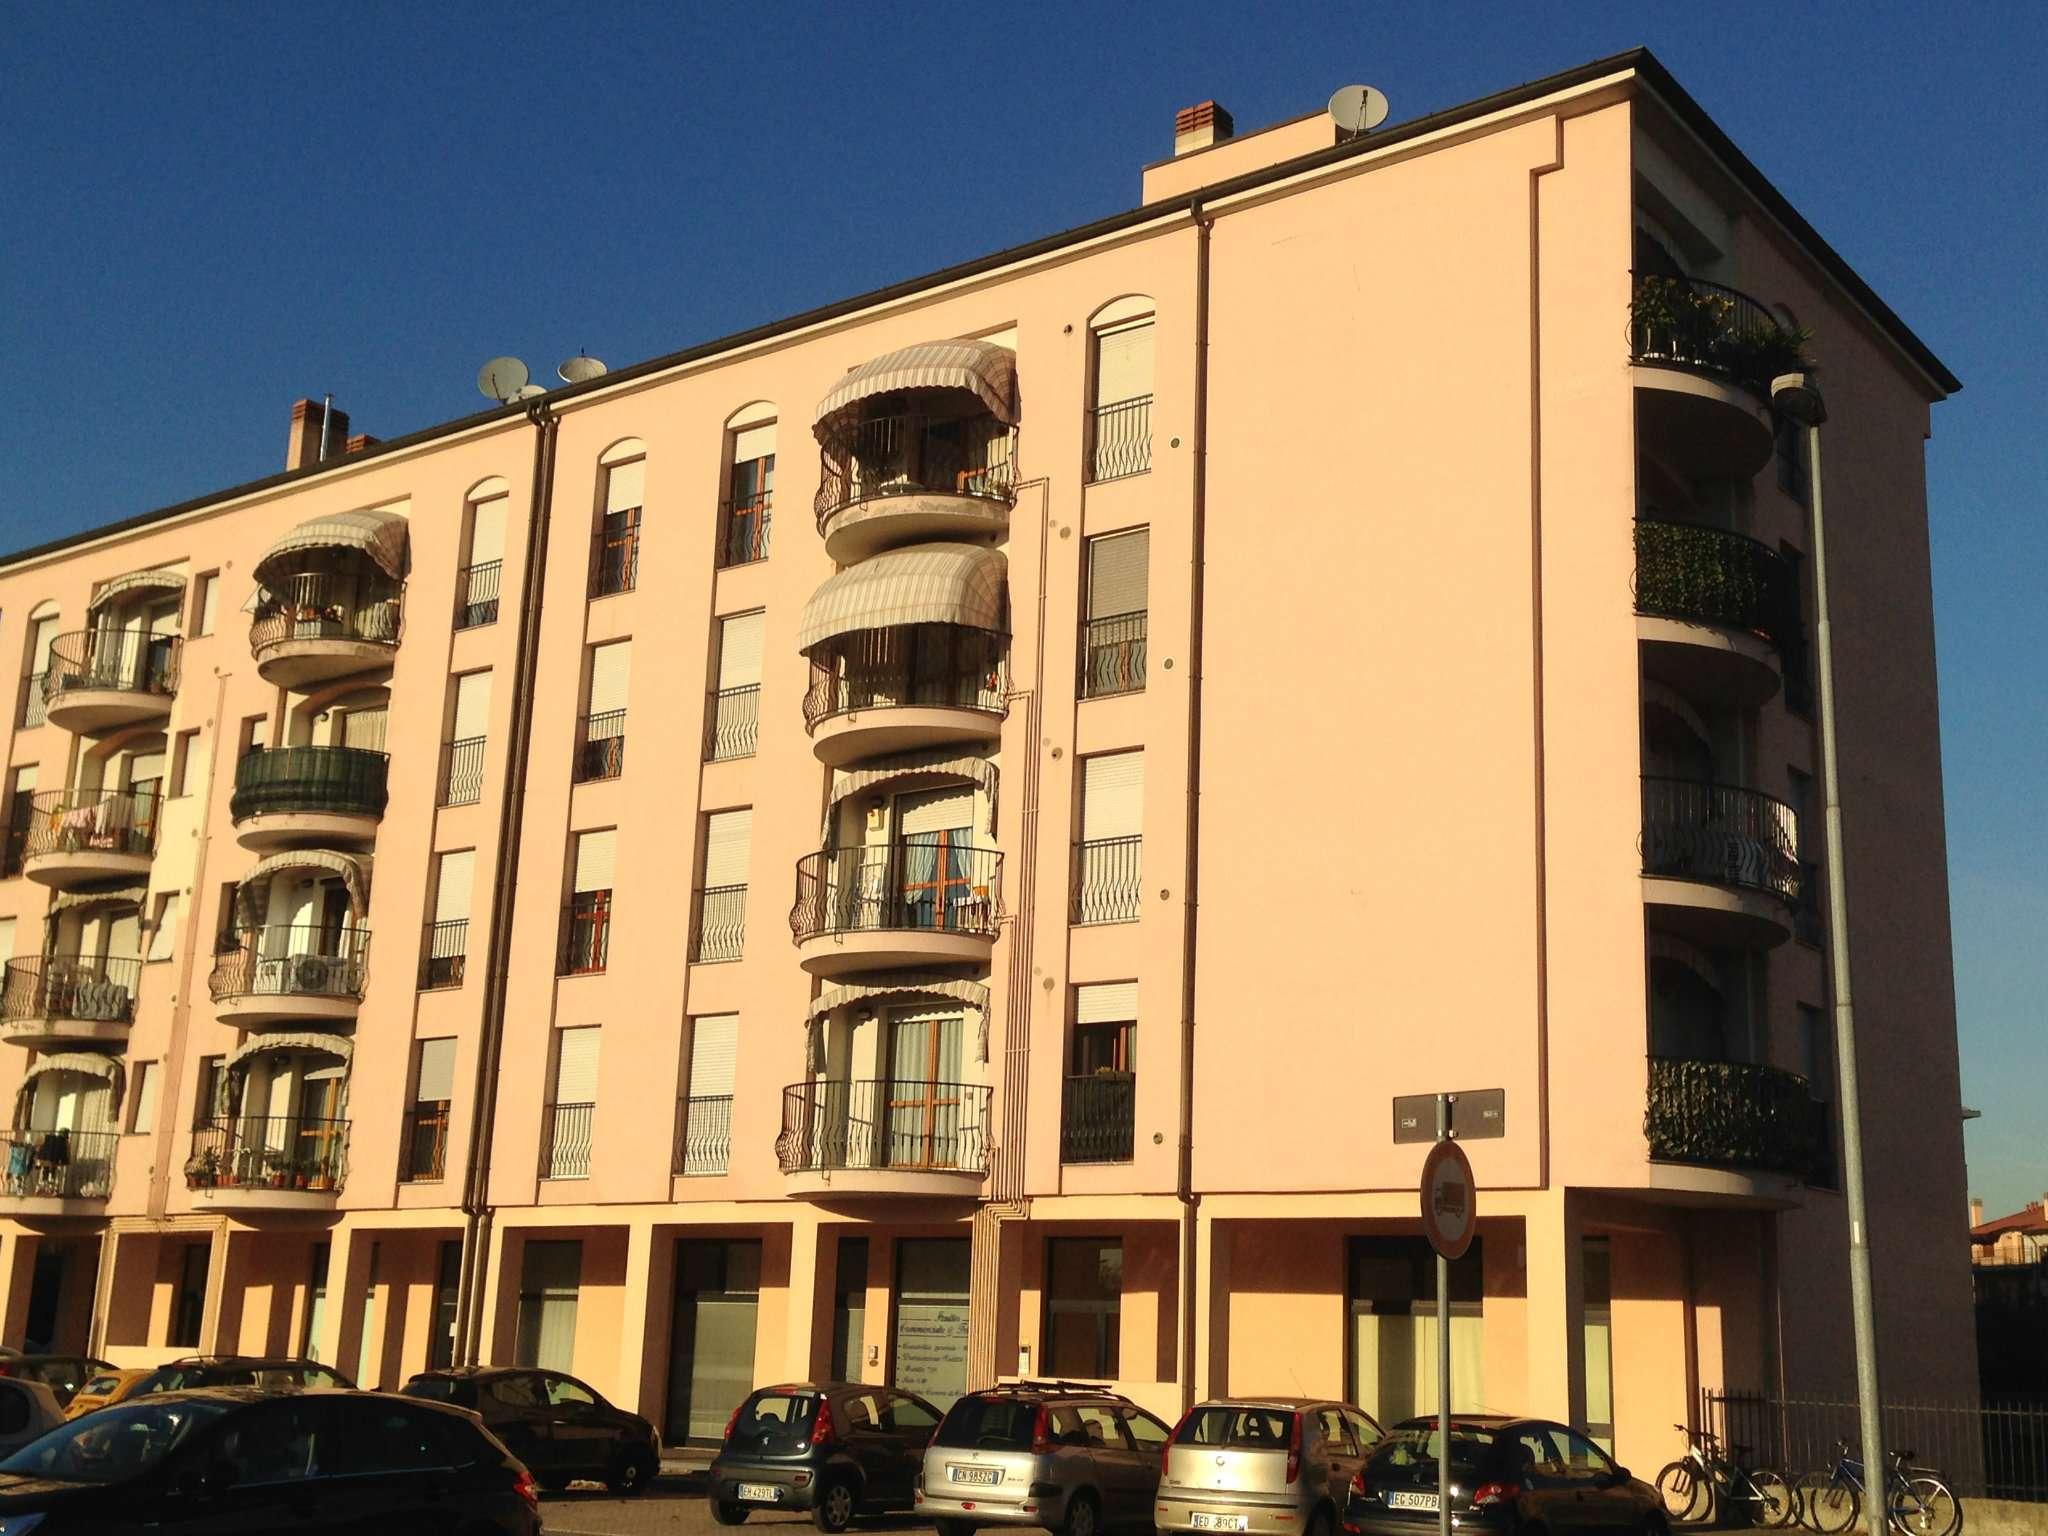 Negozio trilocale in vendita a Nova Milanese (MB)